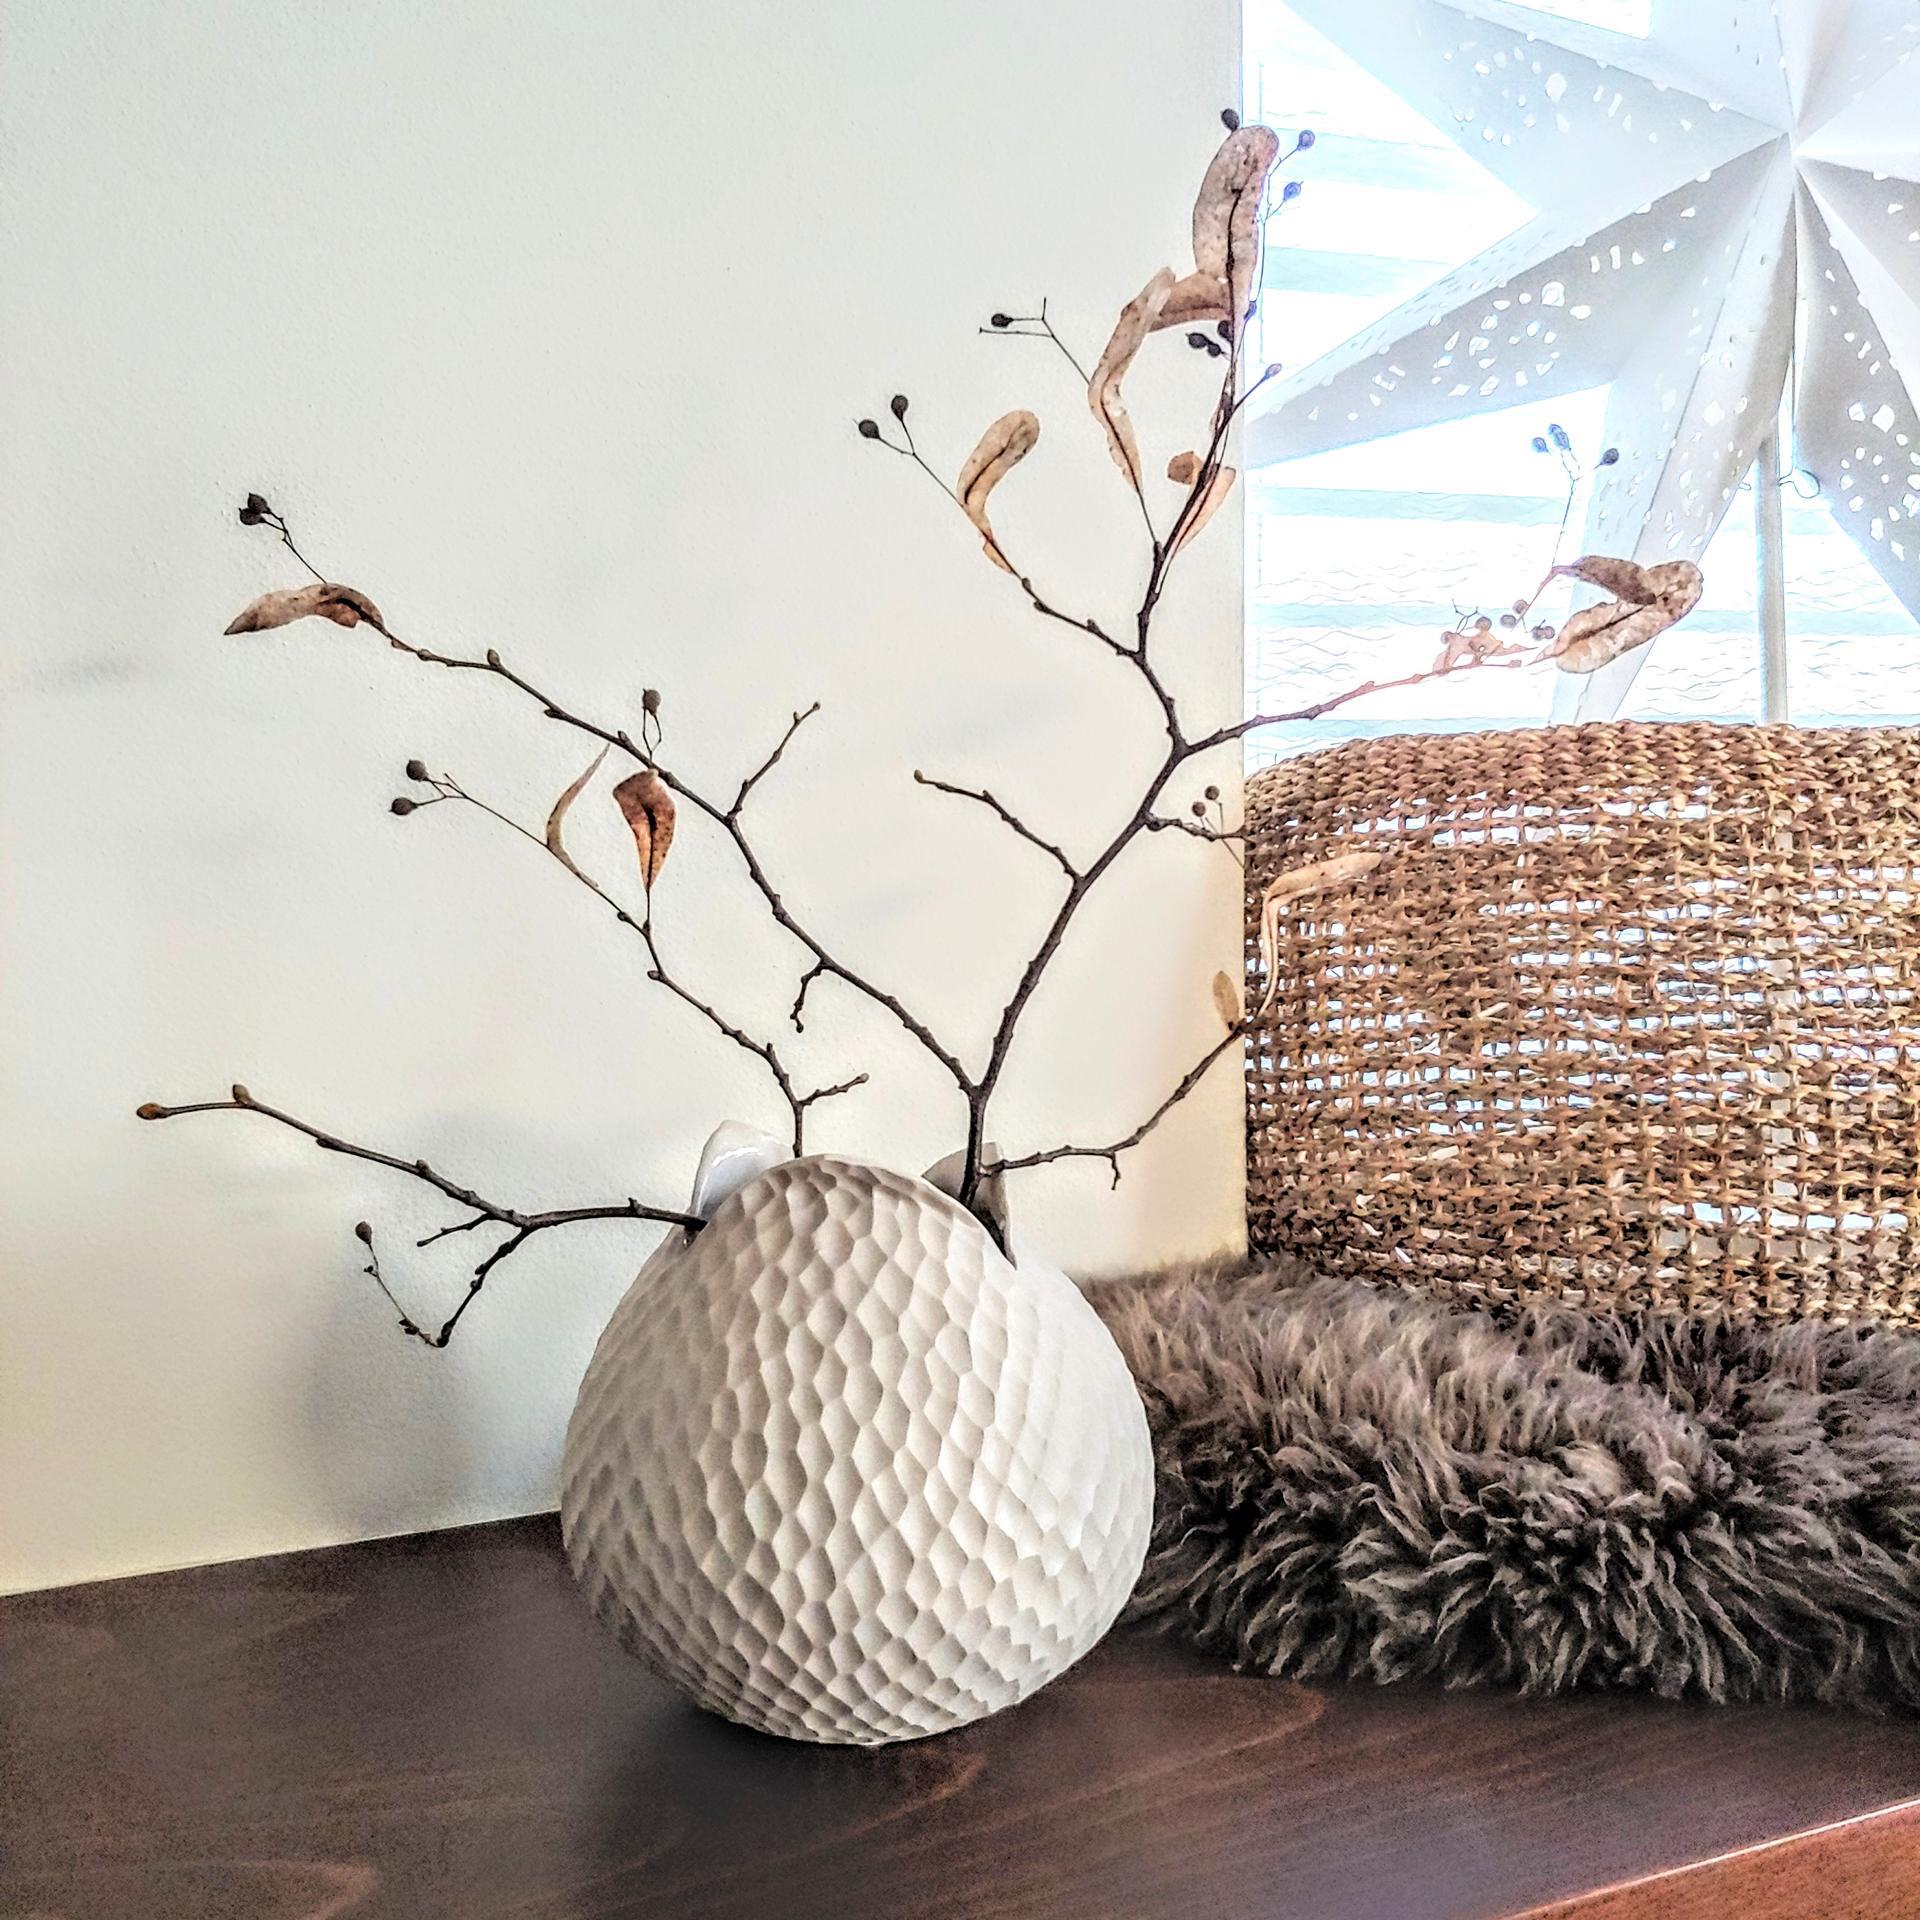 Krásné, už skoro jarní, dny❤ Dneska Vám ukážu tuhle přírodní kameninovou vázu s úplně obyčejnou větvičkou z procházky, no nevypadá krásně?😊 Máme ještě pár kusů skladem na www.idylo.cz 🙌 - Obrázek č. 1